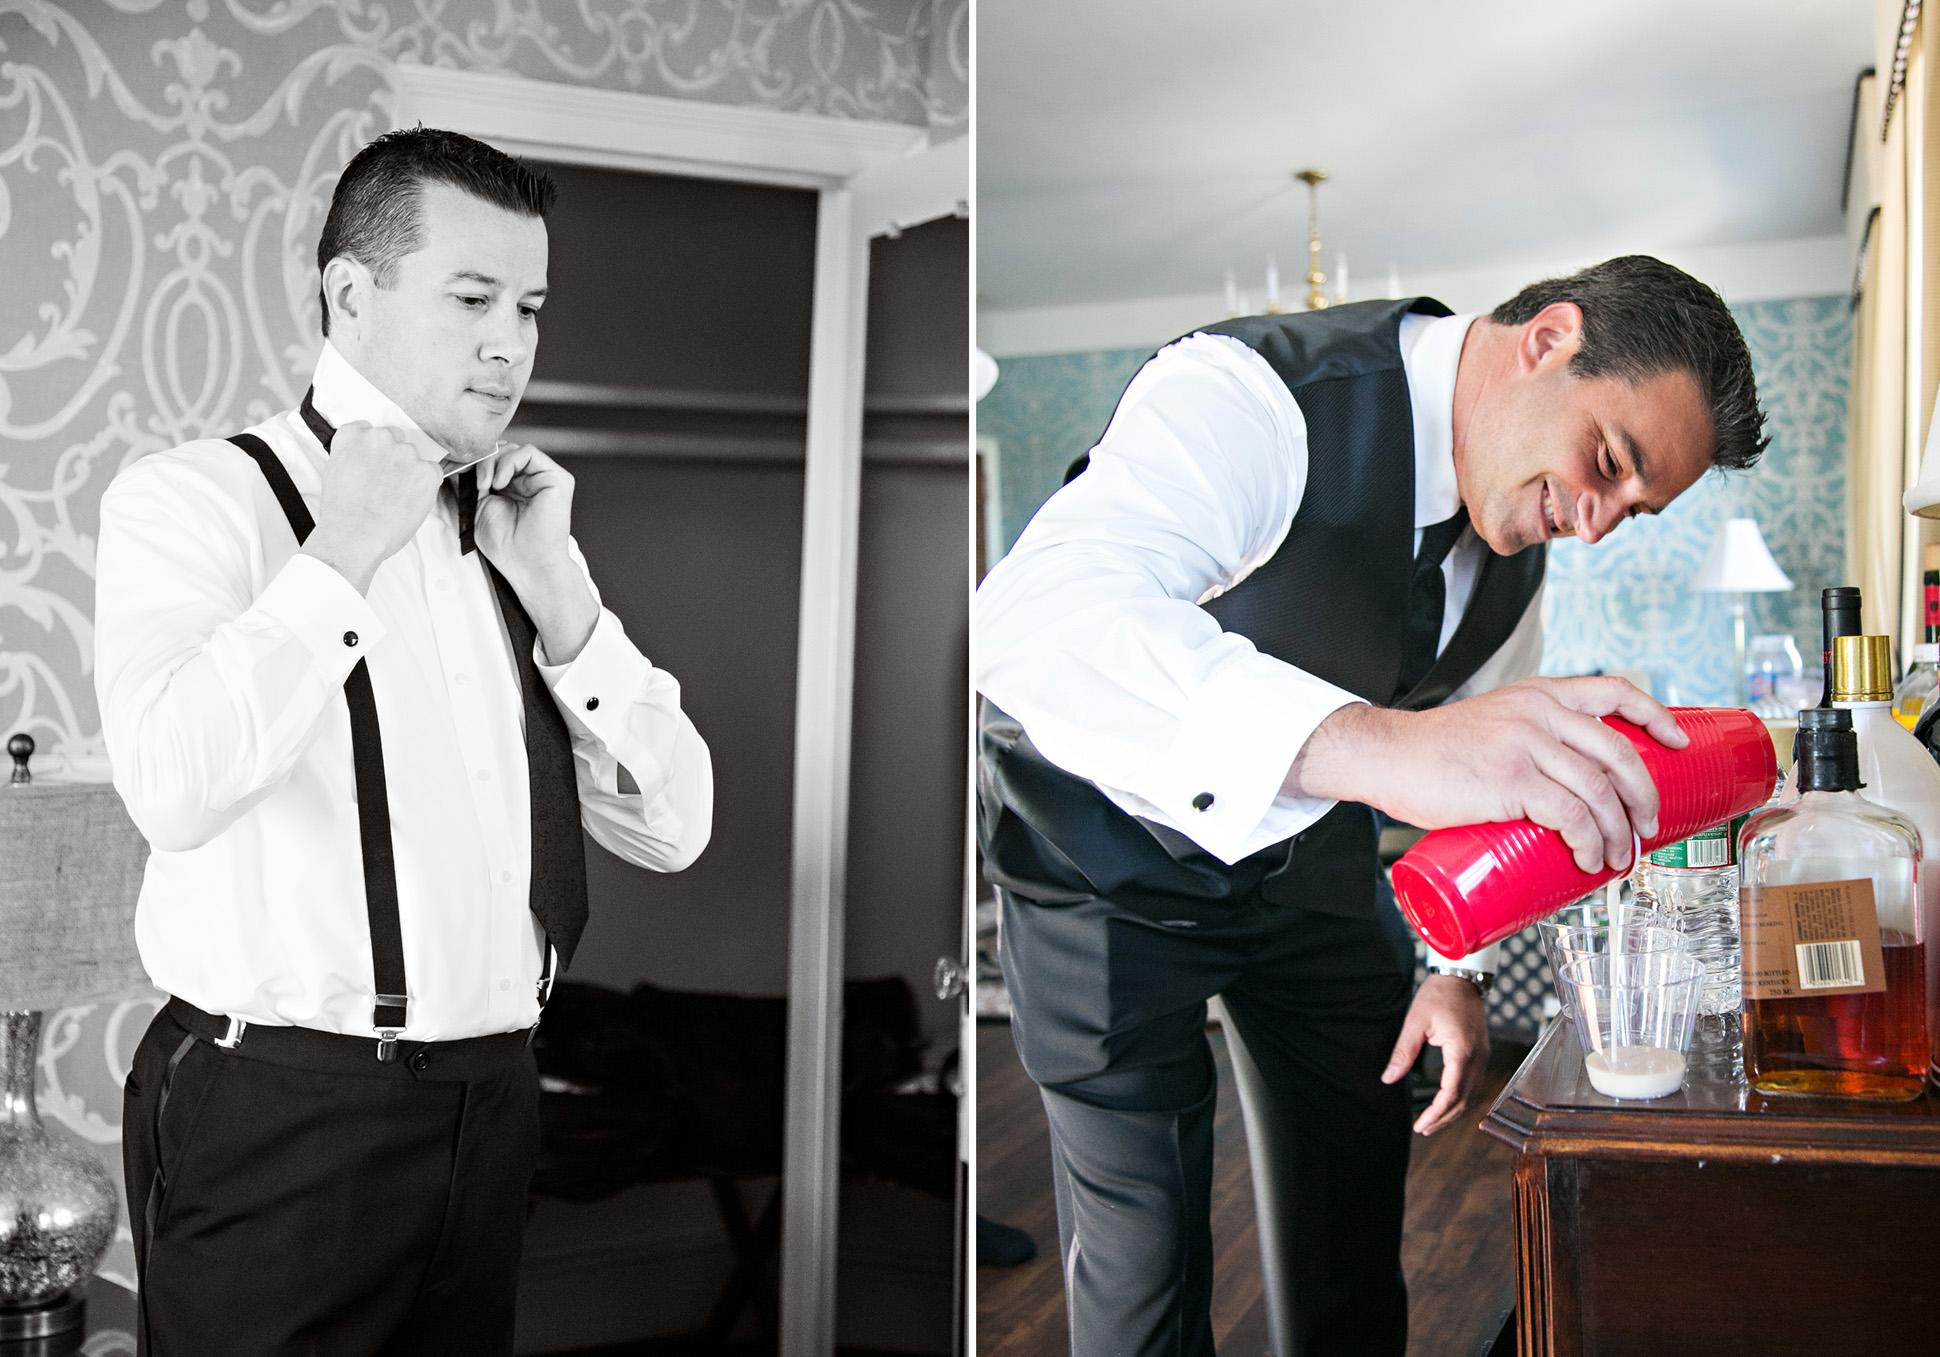 07-Sara Stadtmiller-SRS-Photography-Asbury-Park-Wedding-Photographer-Monmouth-County-Wedding-Photographer-NJ-Wedding-Photographer-Molly-Pitcher-Inn-Wedding